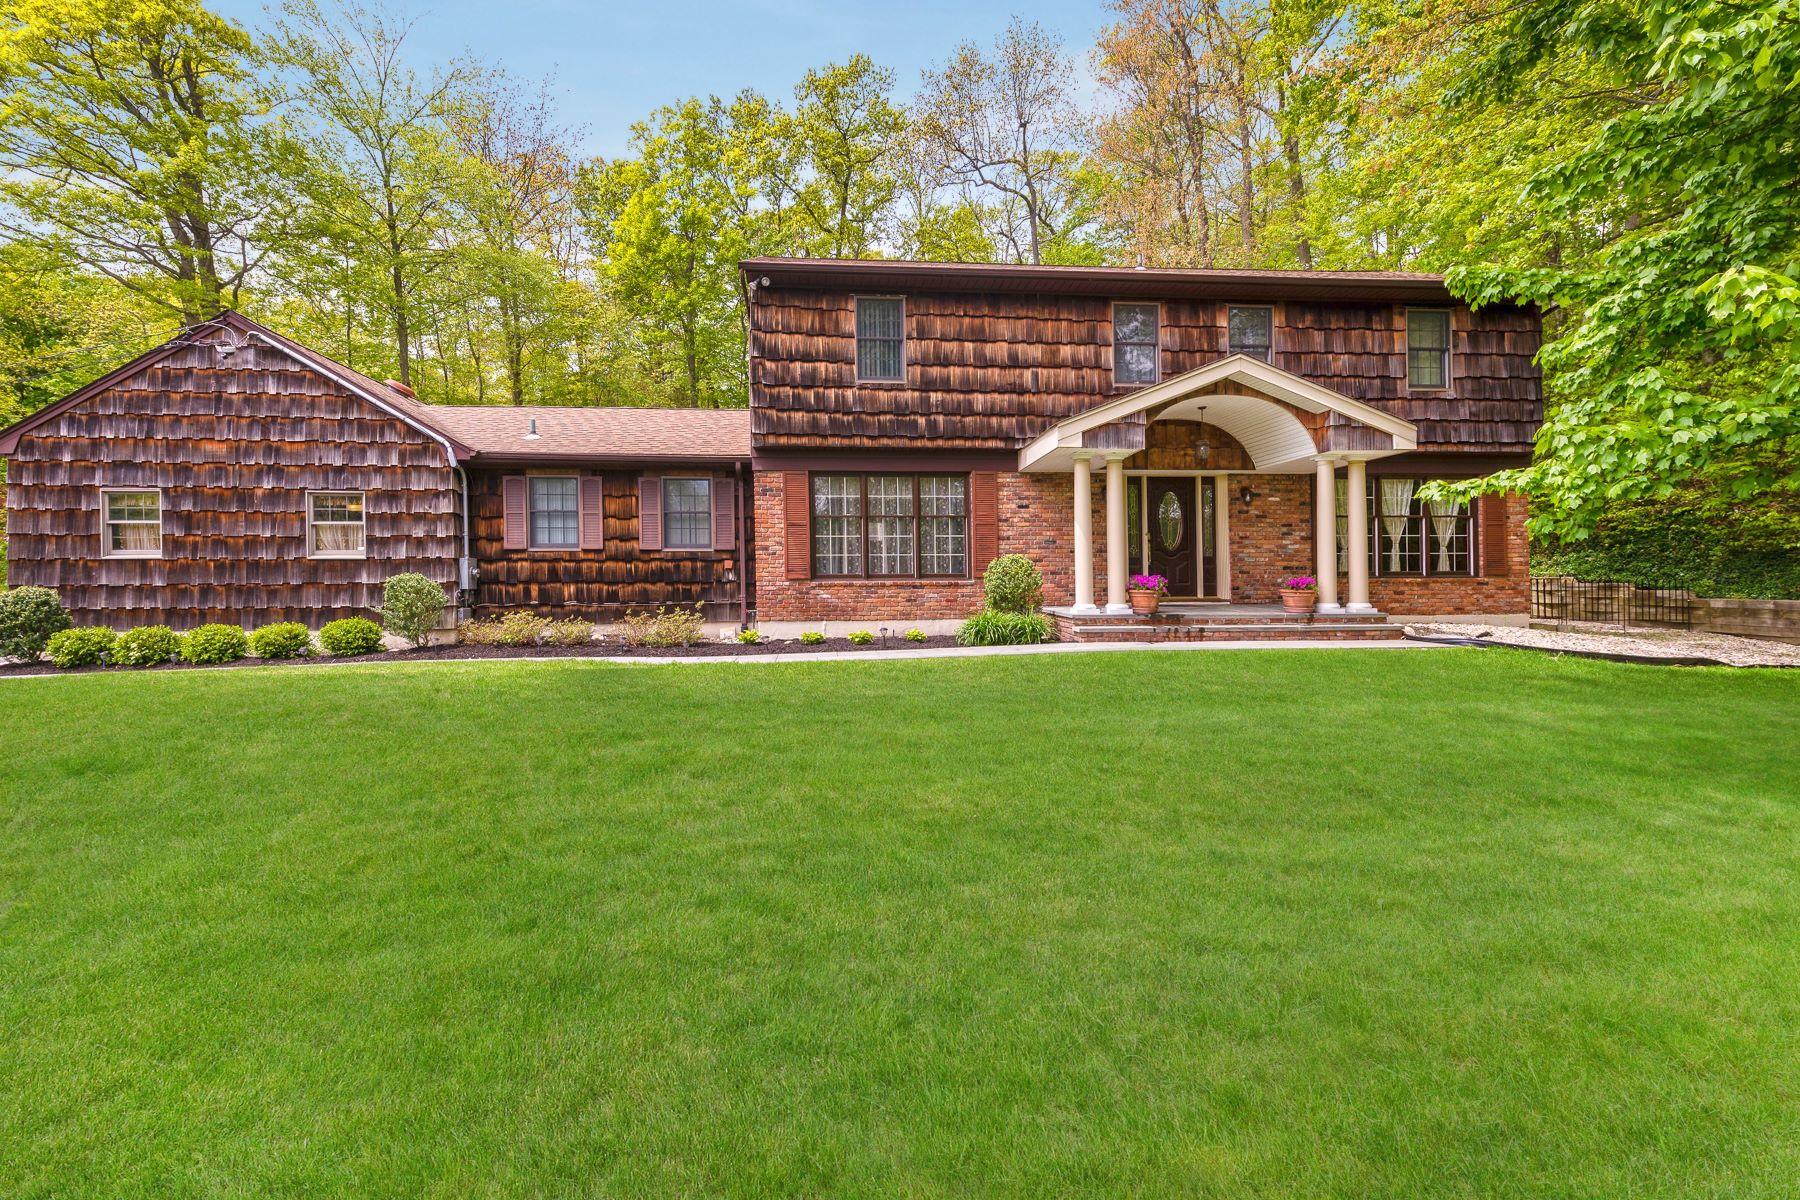 Частный односемейный дом для того Продажа на 31 Downs Rd , Huntington, NY 11743 31 Downs Rd, Huntington, Нью-Йорк, 11743 Соединенные Штаты